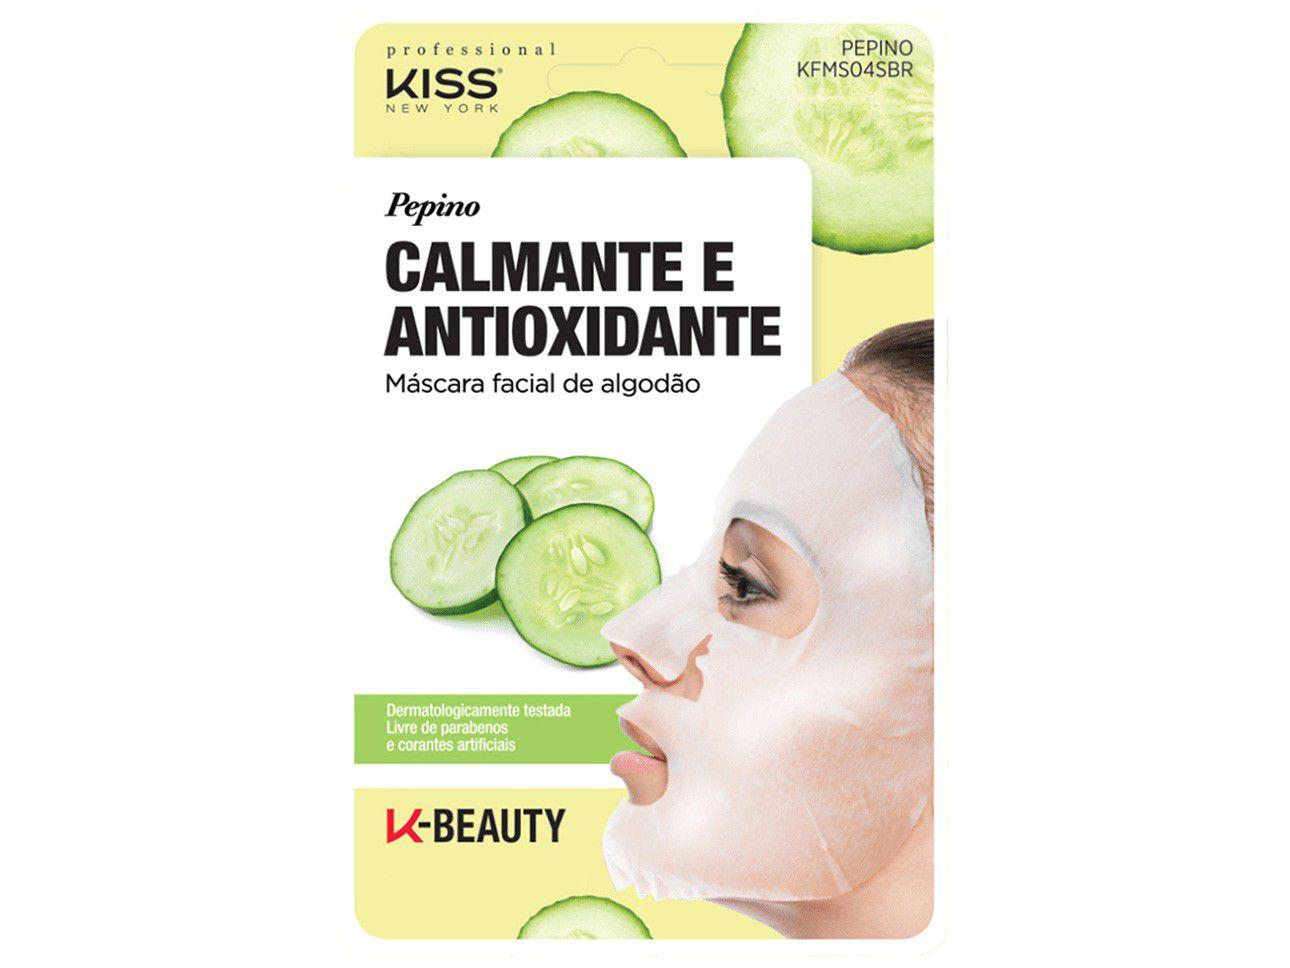 Máscara Facial Kiss New York Professional - K-Beauty Pepino Calmante e Antioxidante 20ml